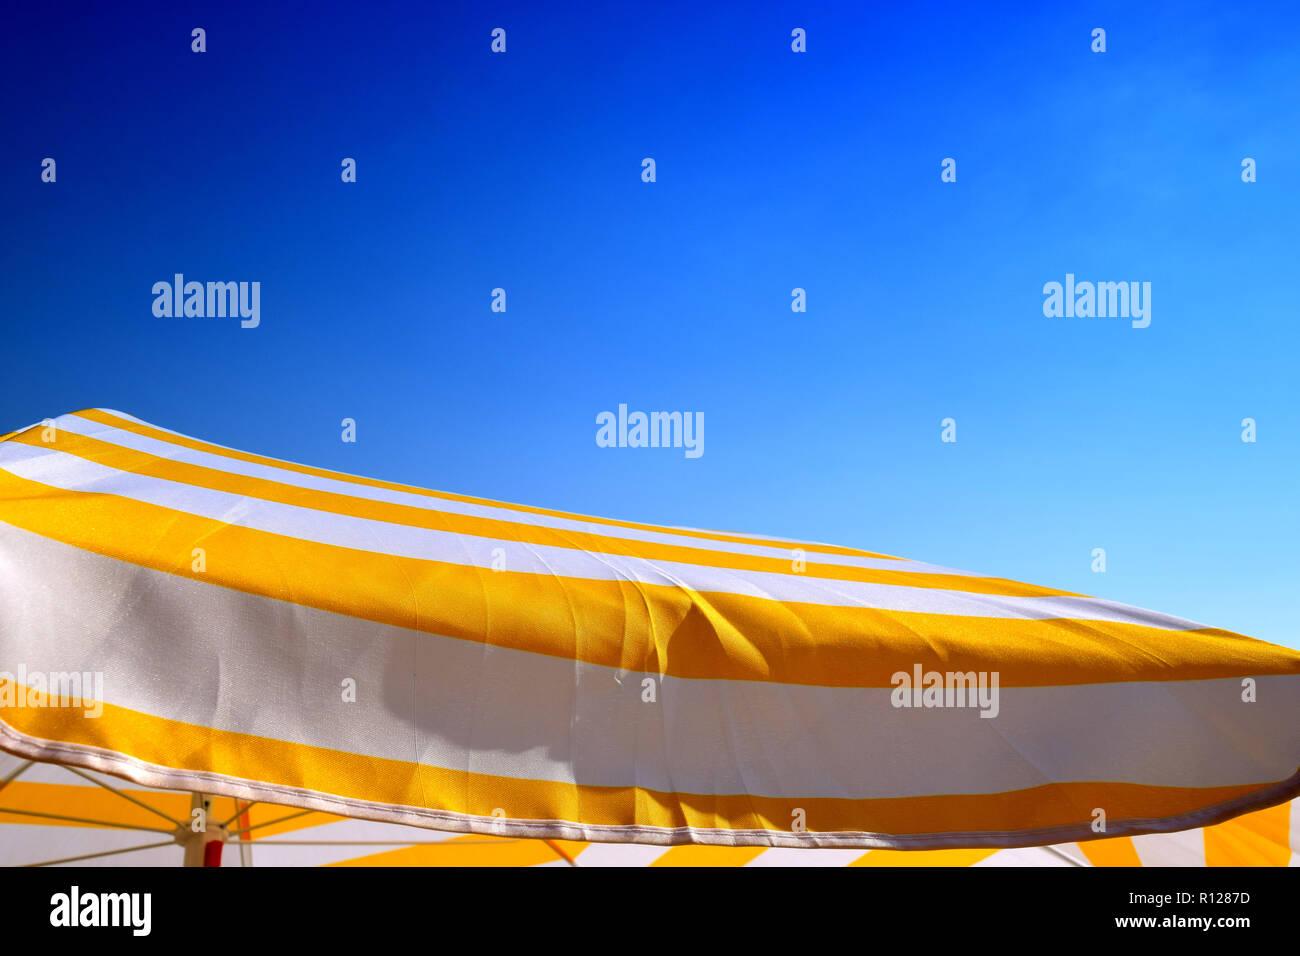 Sonnenschirm Beleuchtet Durch Den Heißen Sommer Sonne Gelb Weiß